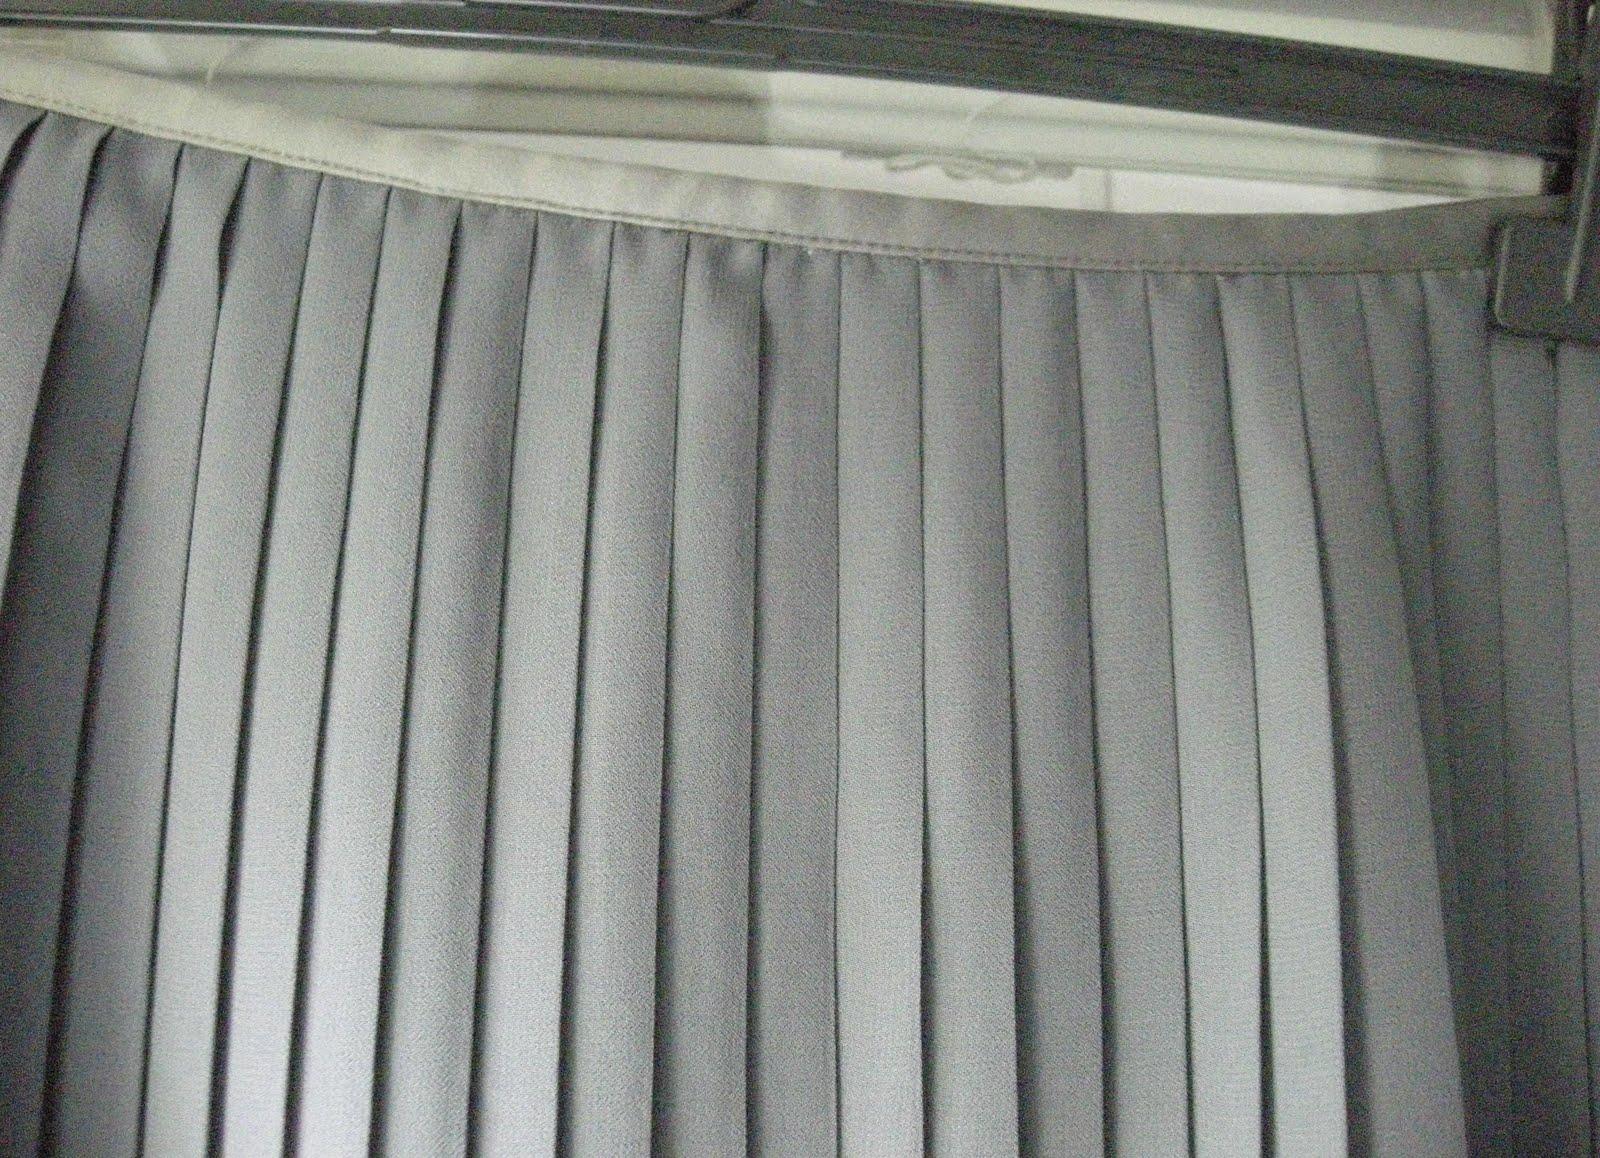 vetement pas cher vide dressing de Flora : LES PETITES - Jupe plissée grise - T40 - NEUVE